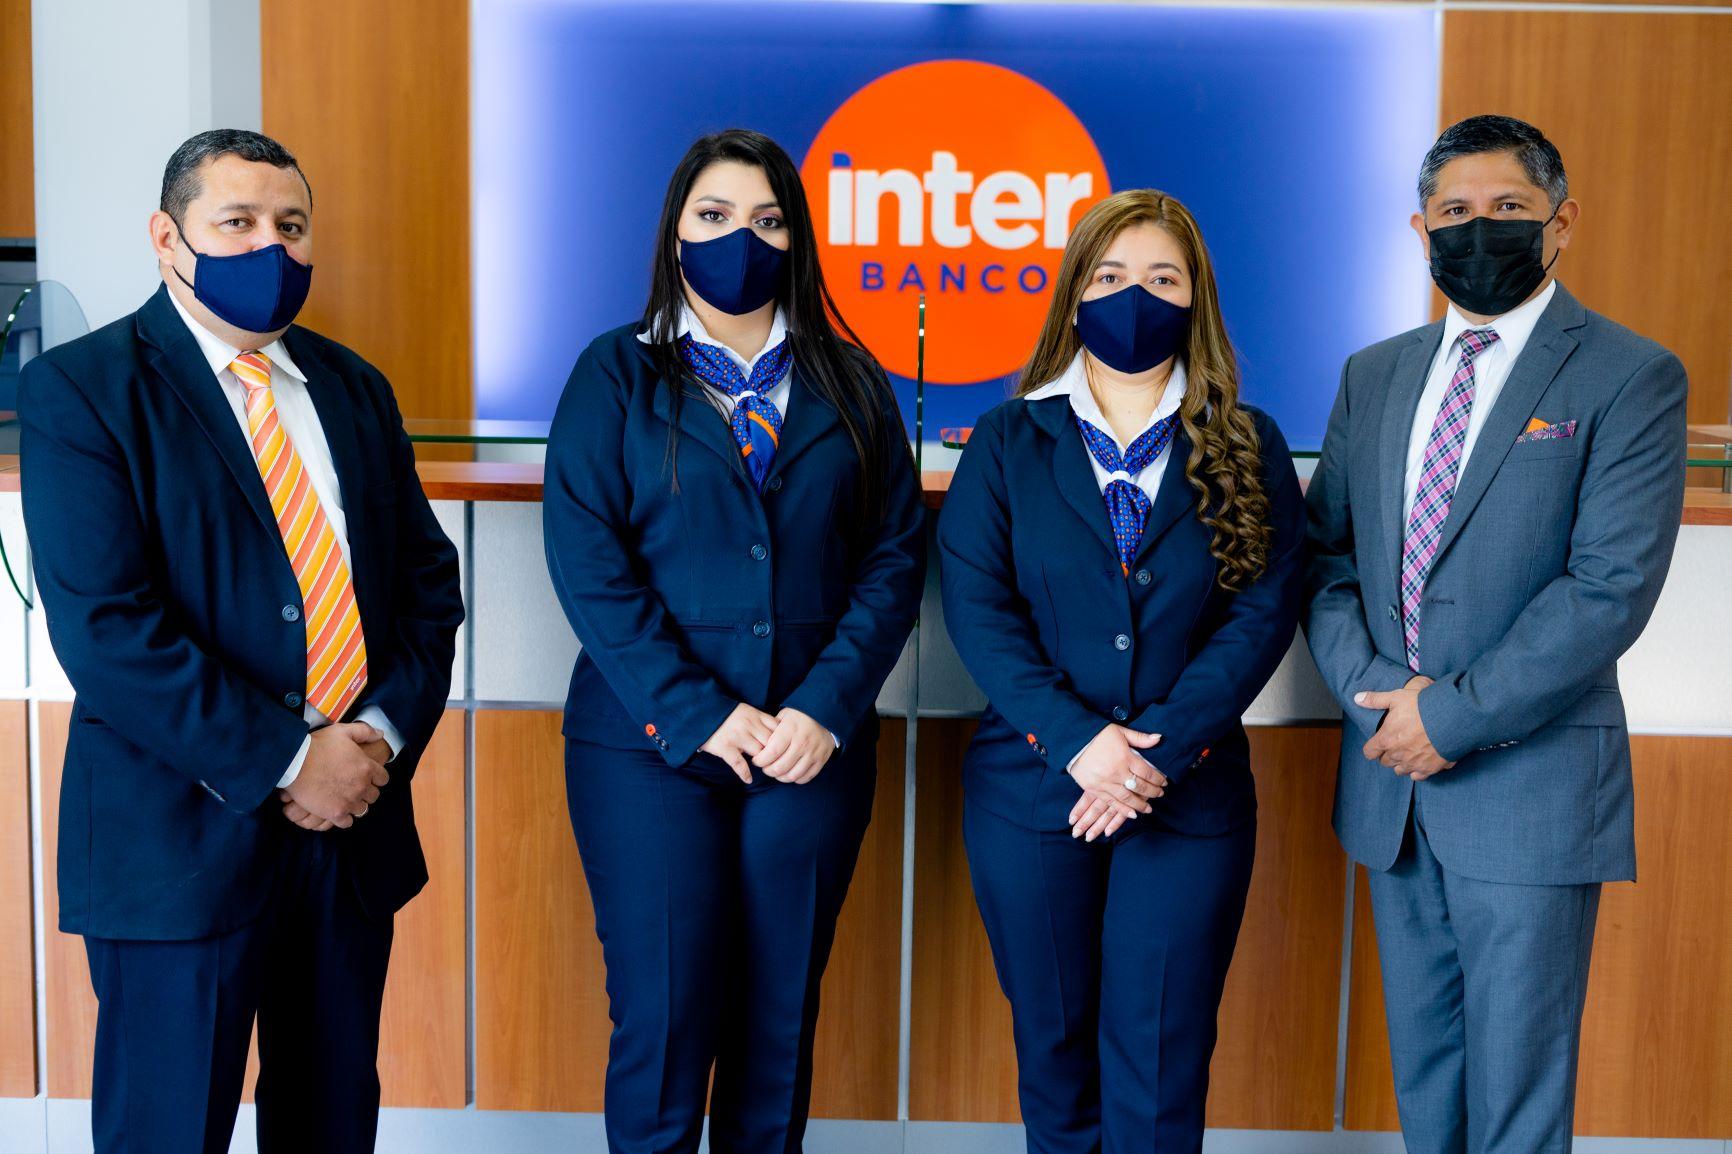 InterBanco abre un nuevo Centro de Negocio en San Pedro Carchá